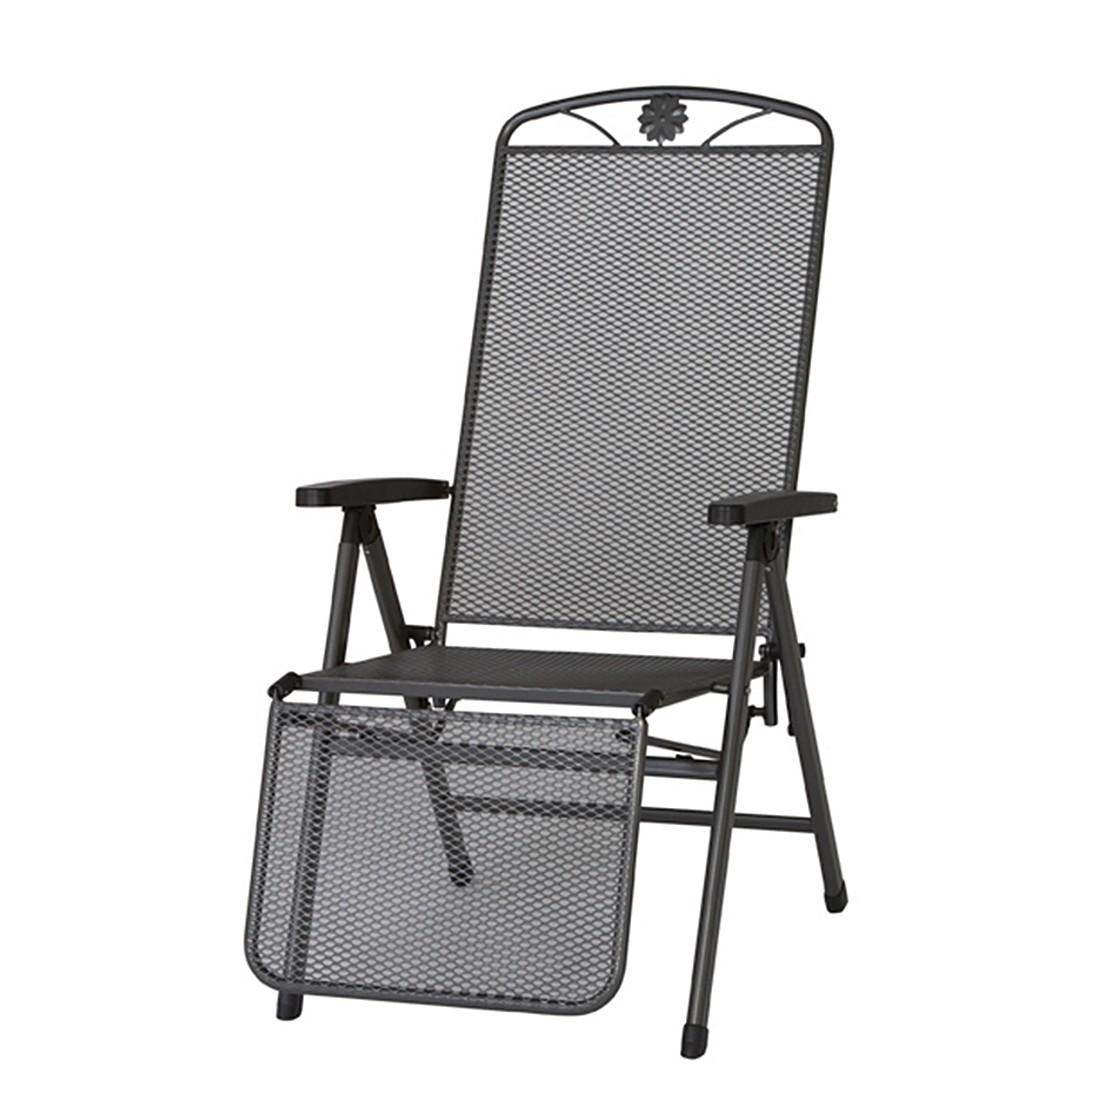 gartenm bel relaxstuhl saseo. Black Bedroom Furniture Sets. Home Design Ideas